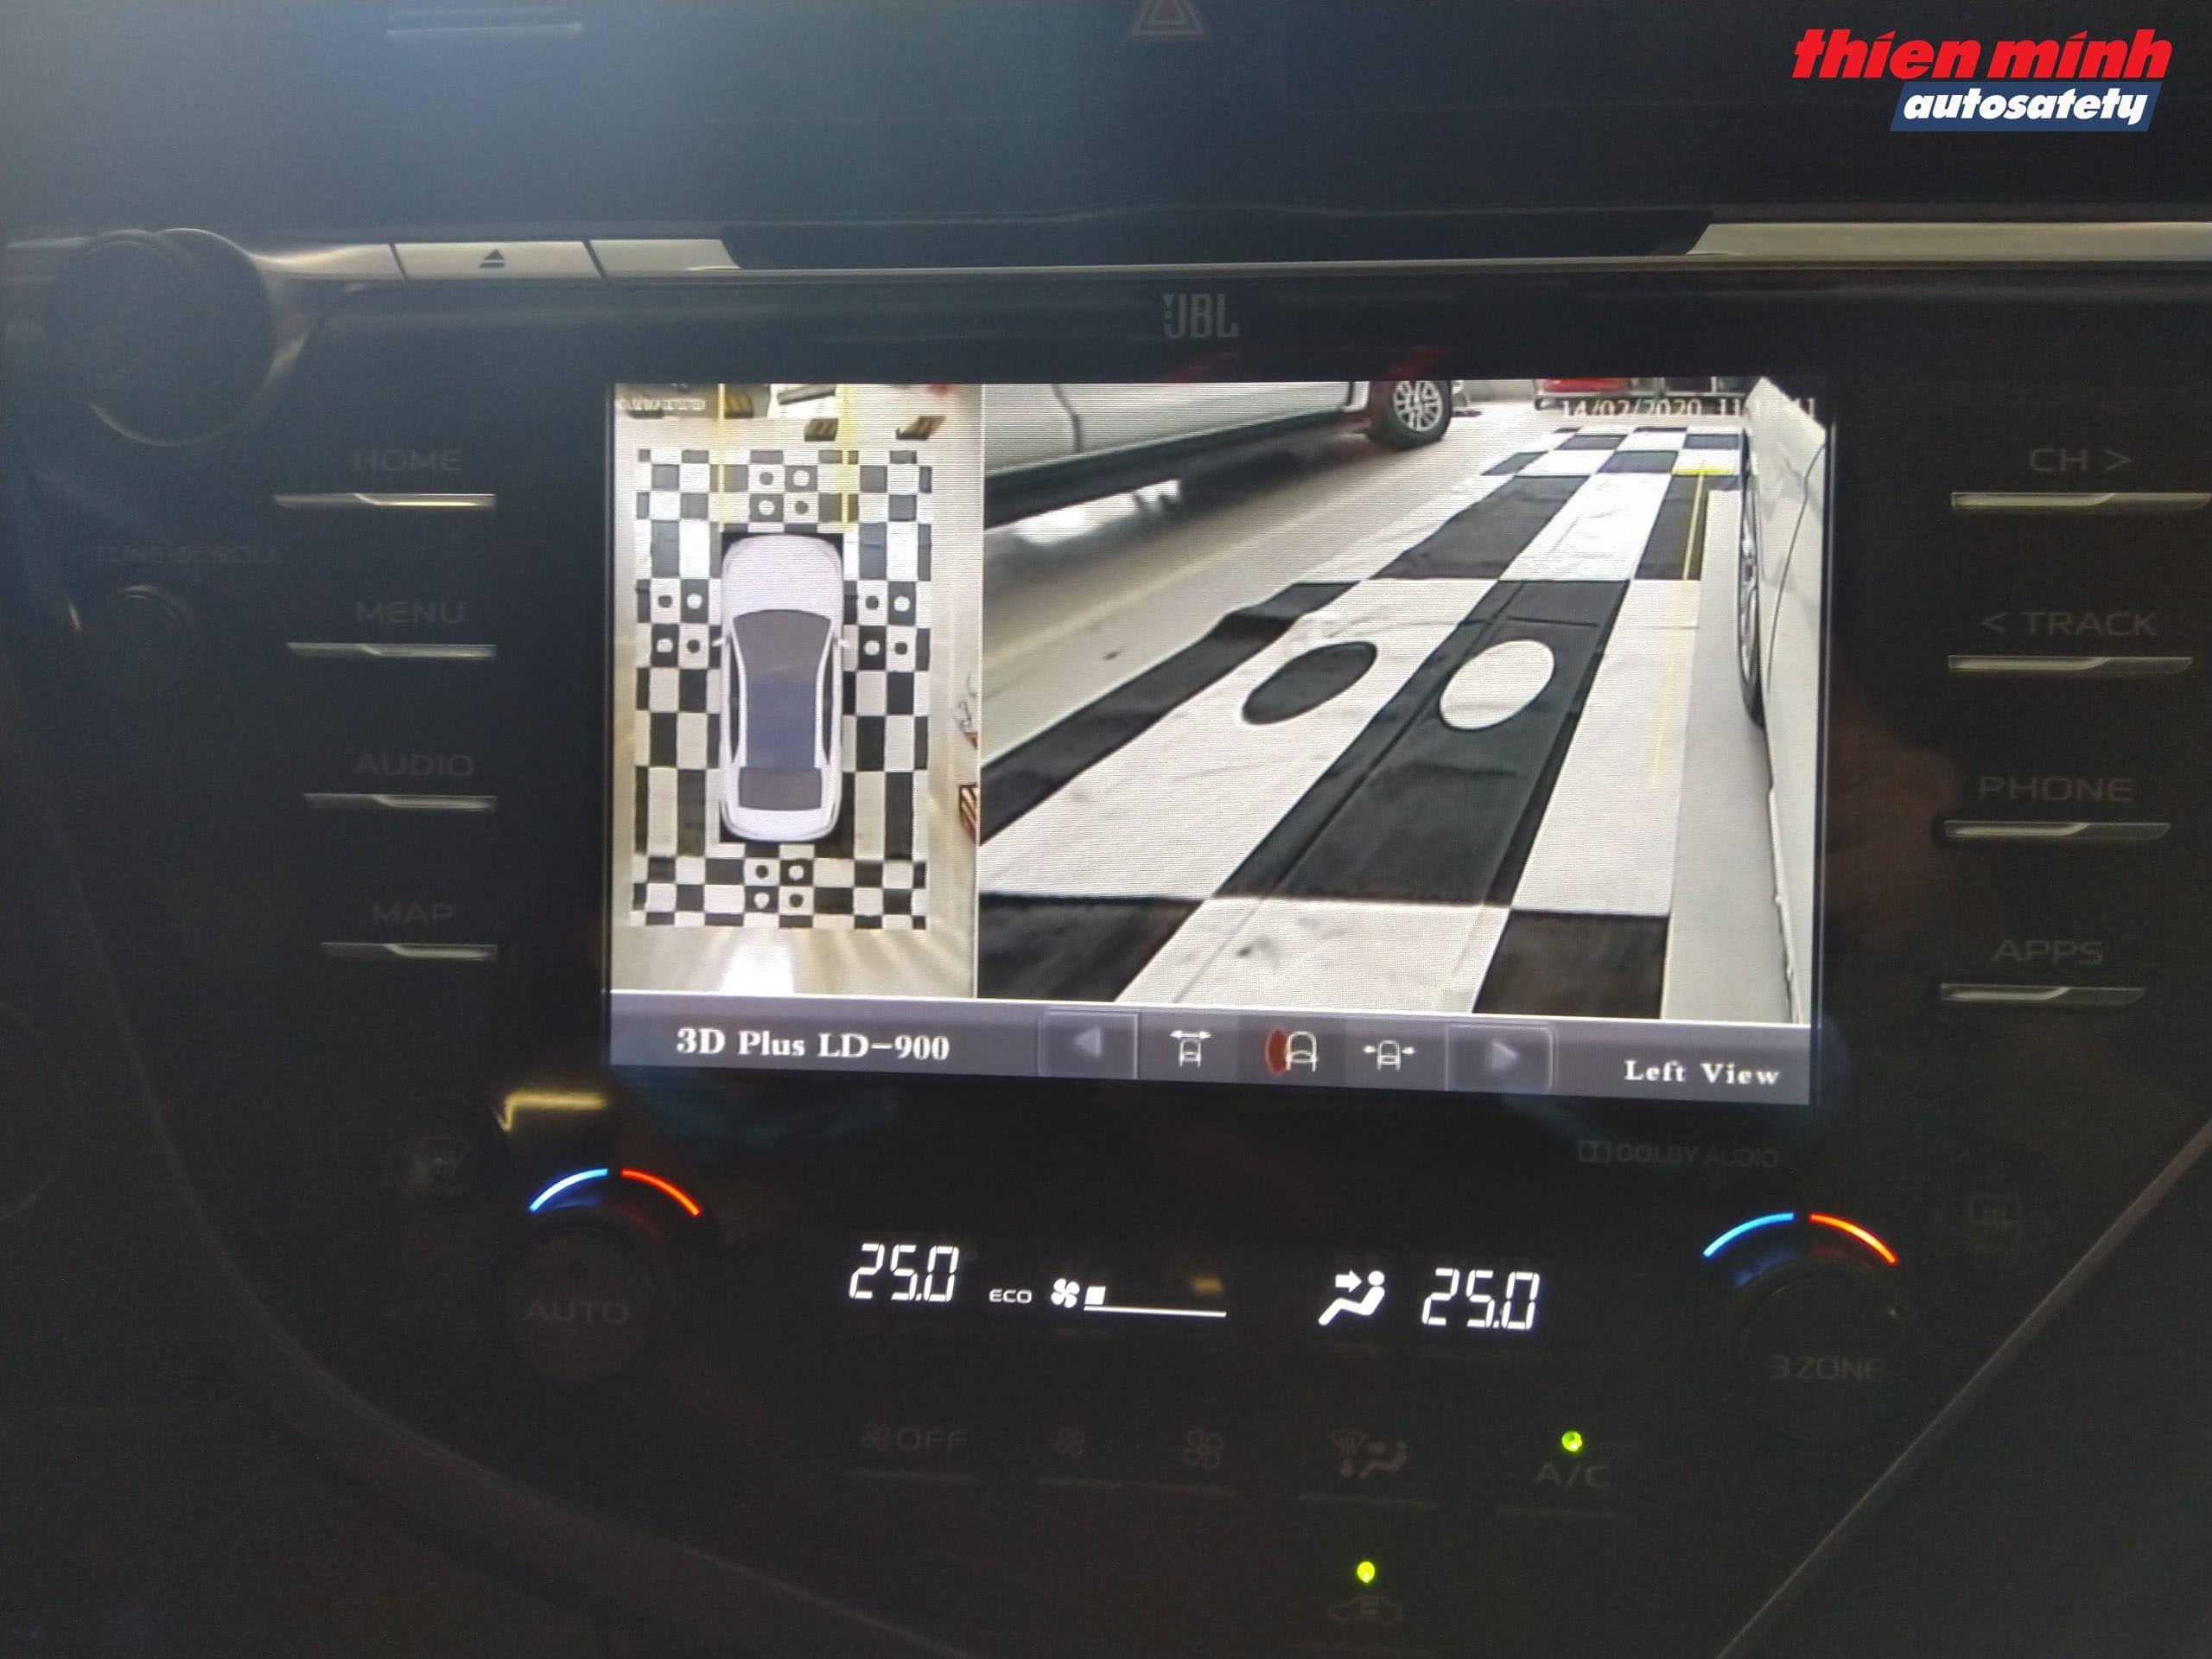 Góc hình Camera bánh xe trái phía trước